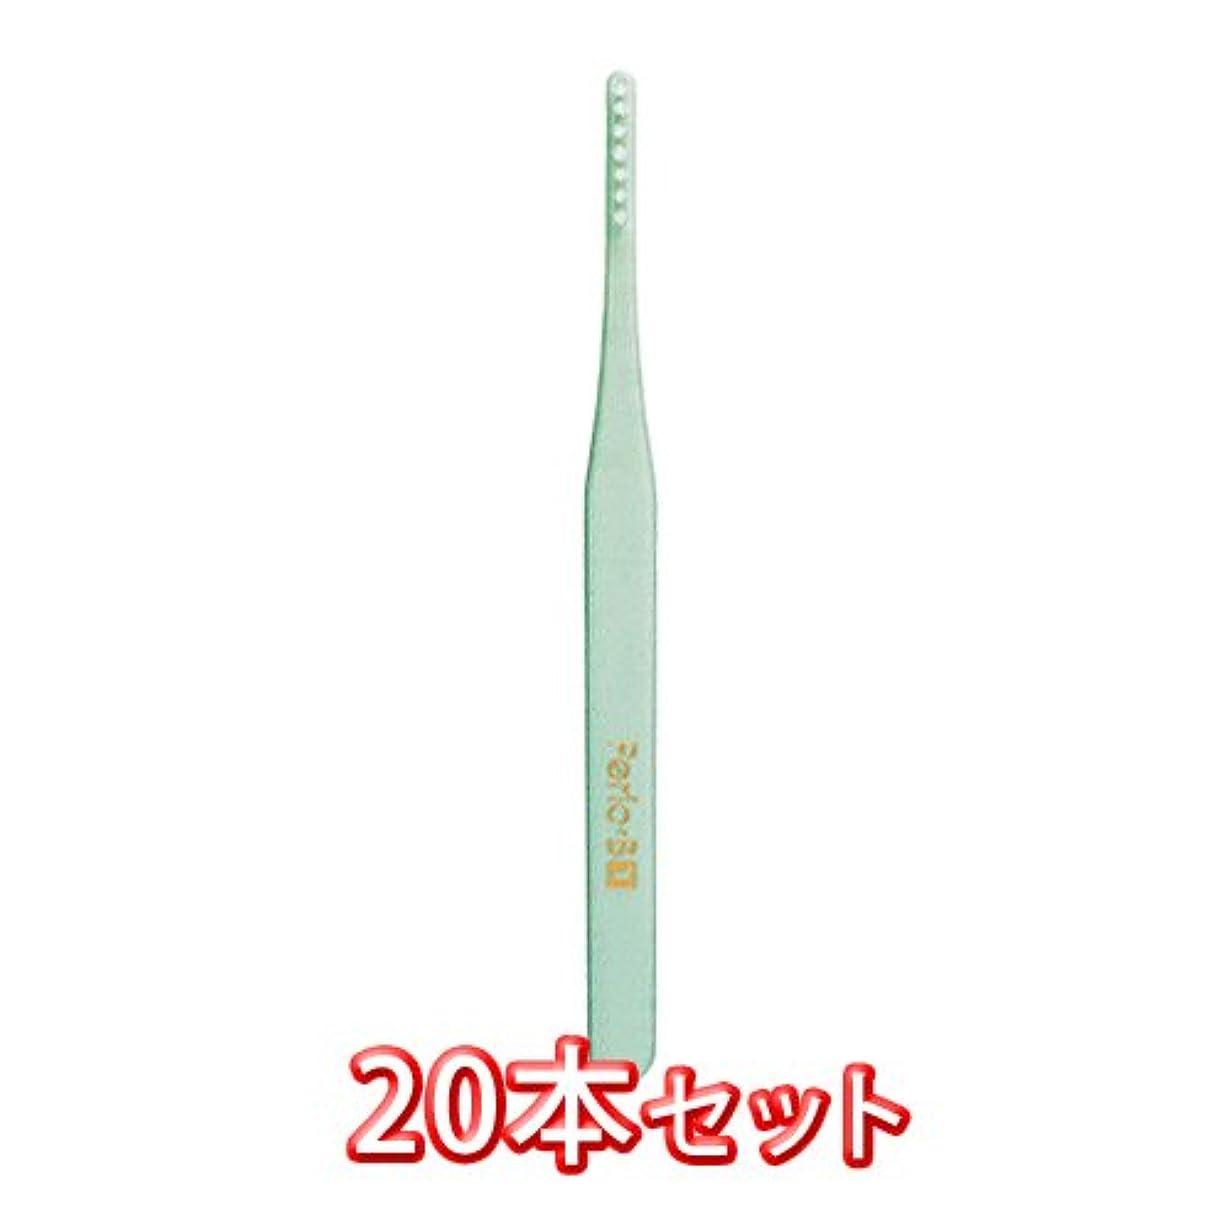 顔料労働者反応するサンスター ペリオ歯ブラシ 20本入 ぺリオB1